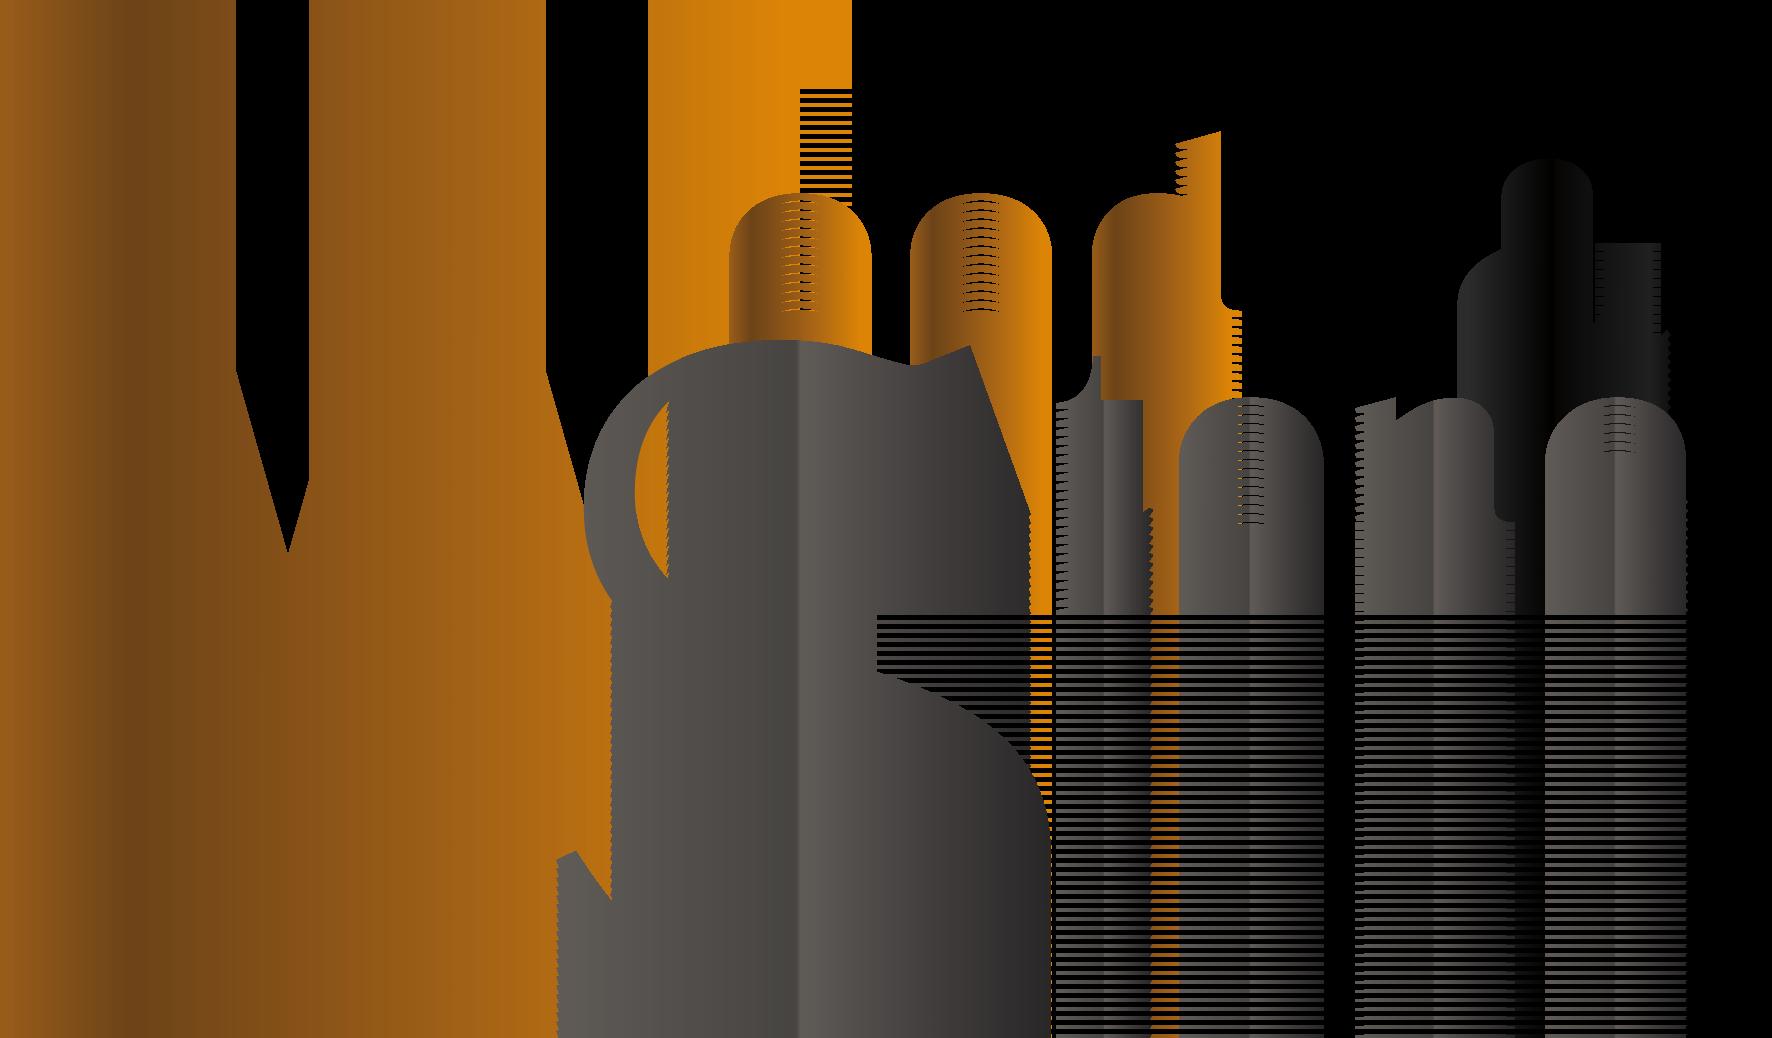 Логотип и Фирменный стиль фото f_65754b1c2d64e442.png